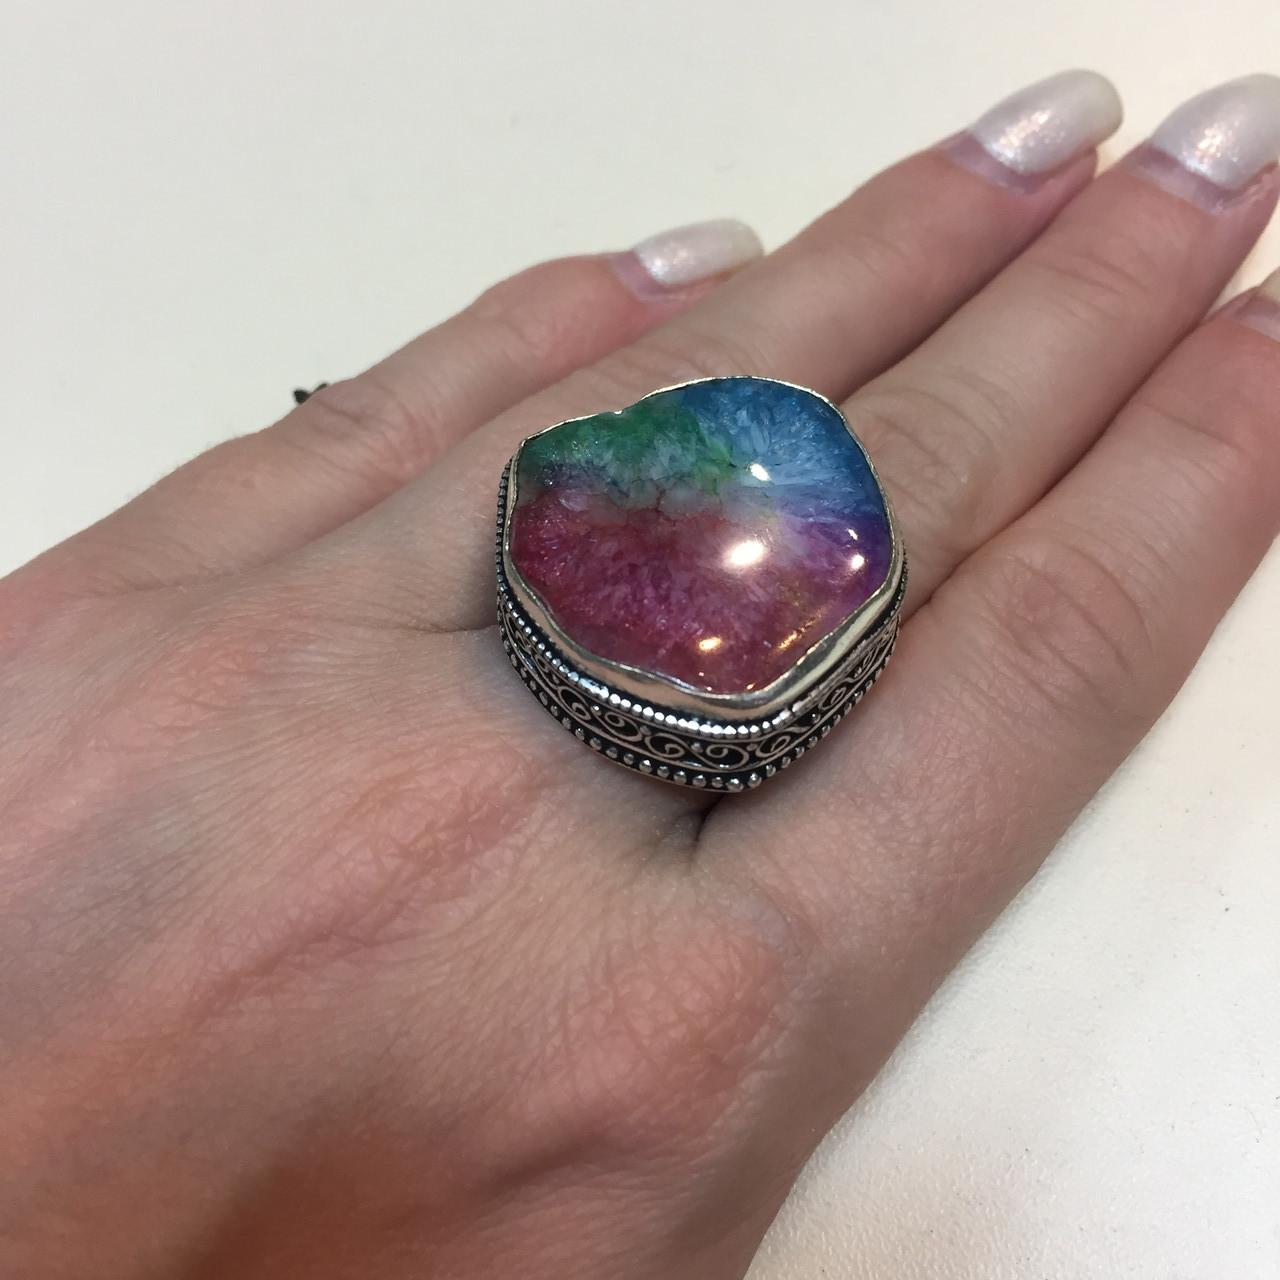 Солнечный кварц радужный кольцо с натуральным радужным кварцем в серебре 18-18,5 размер Индия